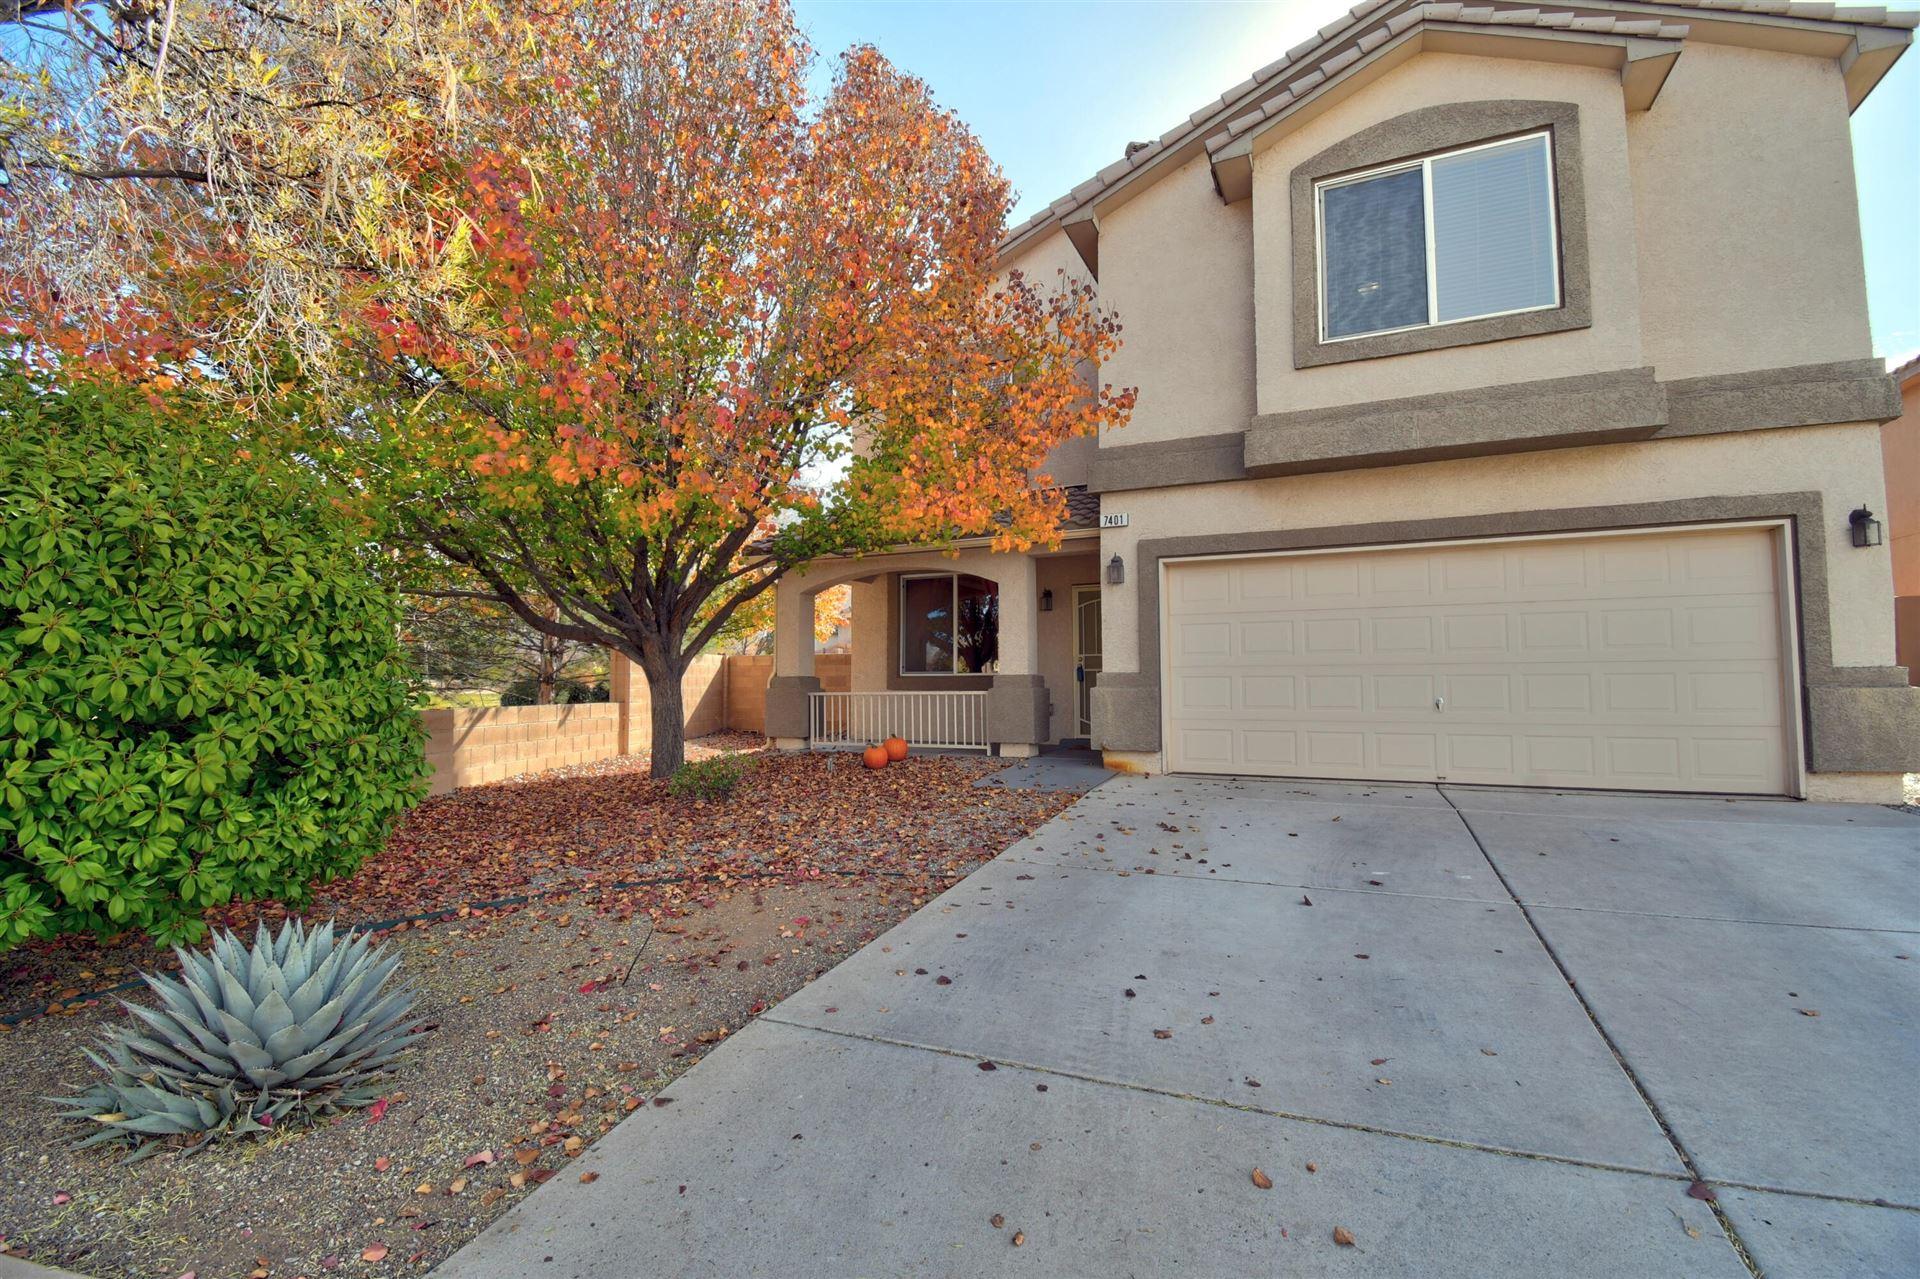 7401 SIDEWINDER Drive NE, Albuquerque, NM 87113 - #: 1002299